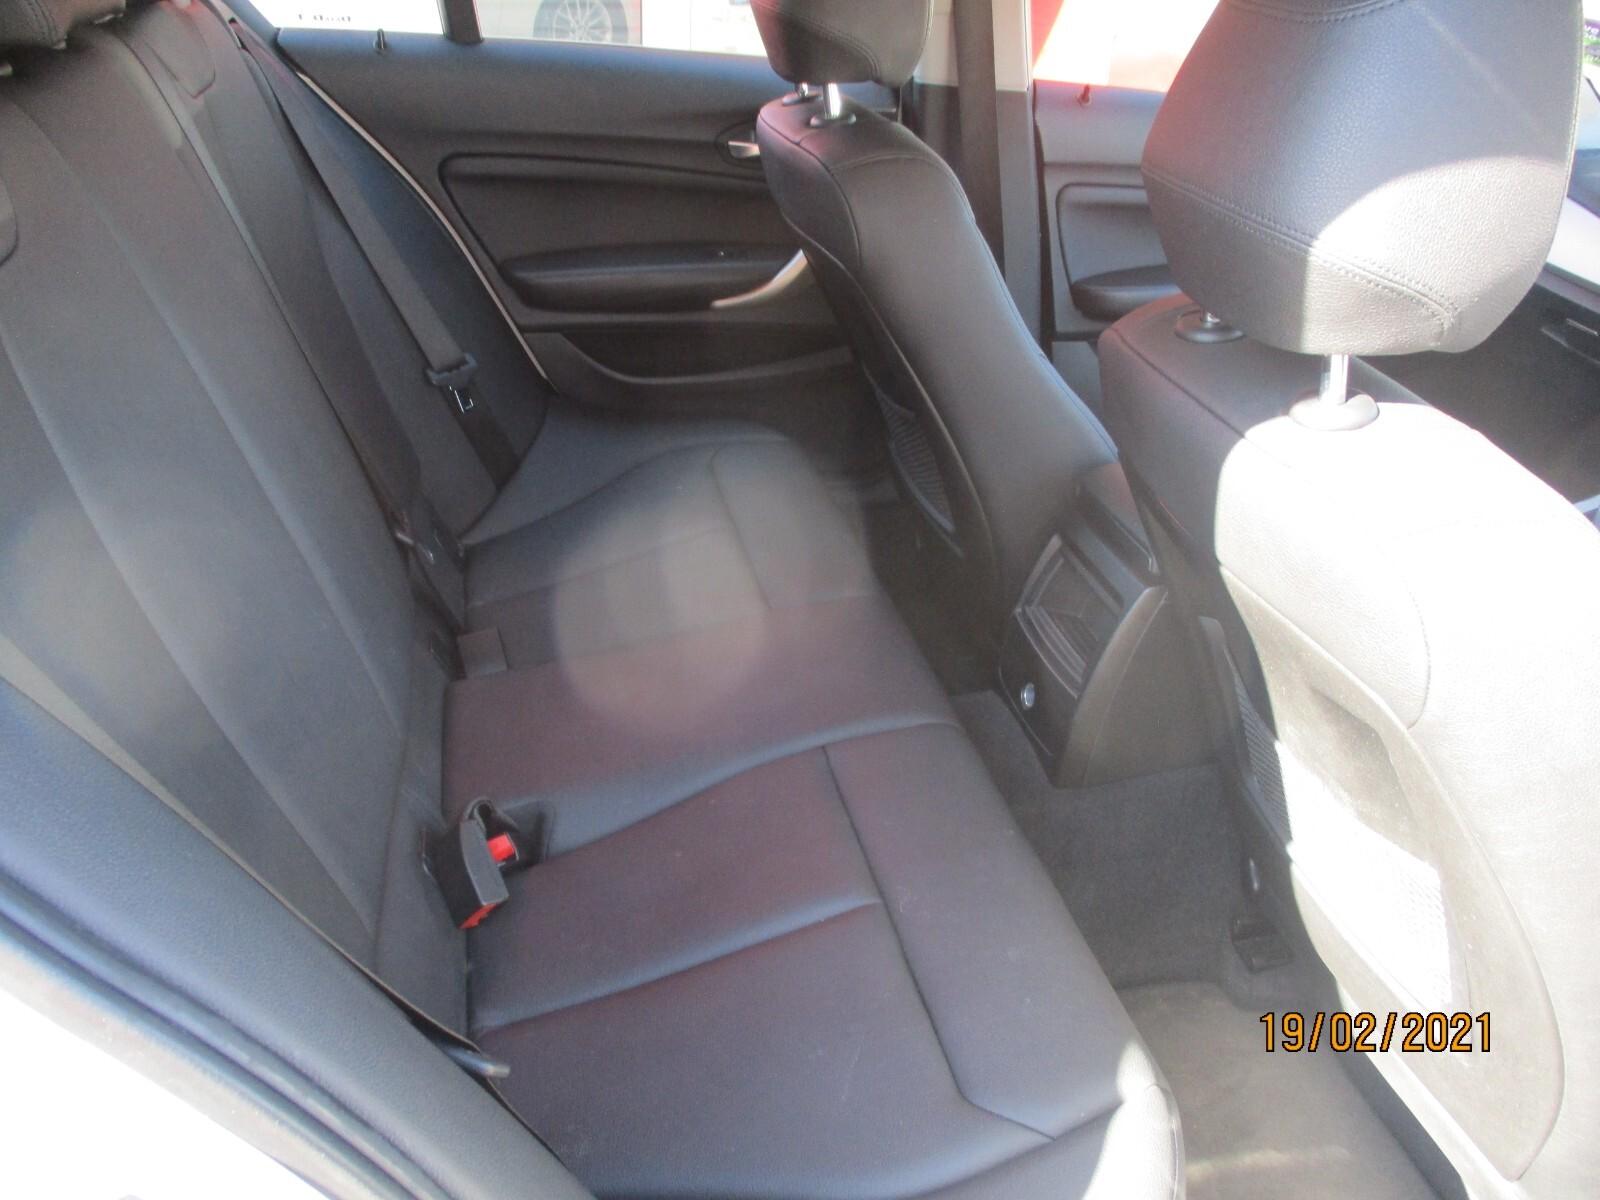 BMW 118i 5DR A/T (F20) Sandton 9328508